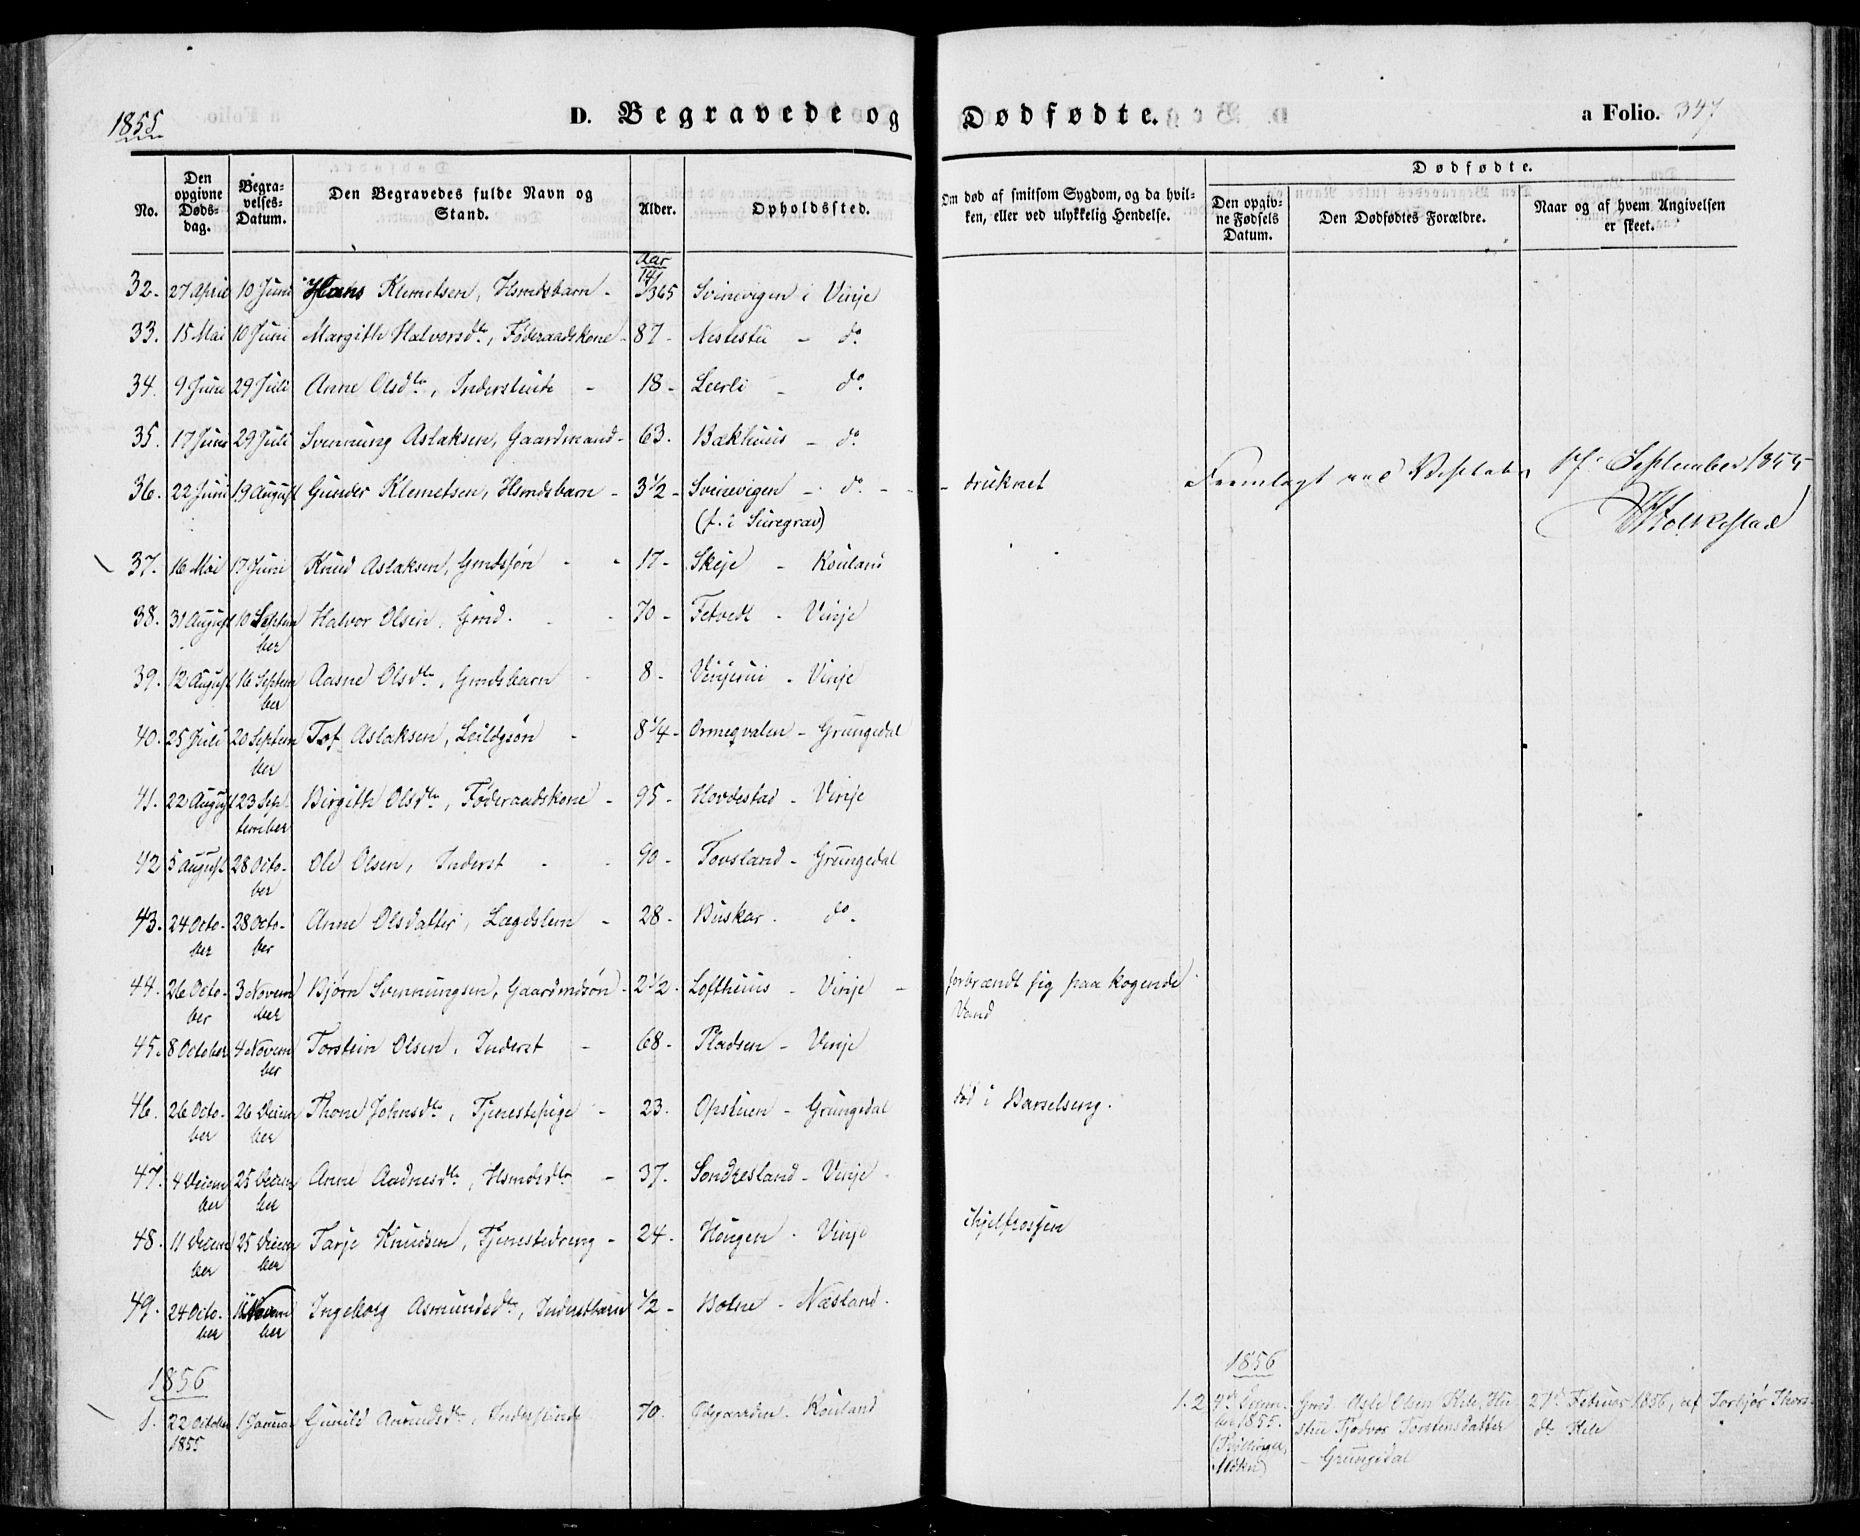 SAKO, Vinje kirkebøker, F/Fa/L0004: Ministerialbok nr. I 4, 1843-1869, s. 347